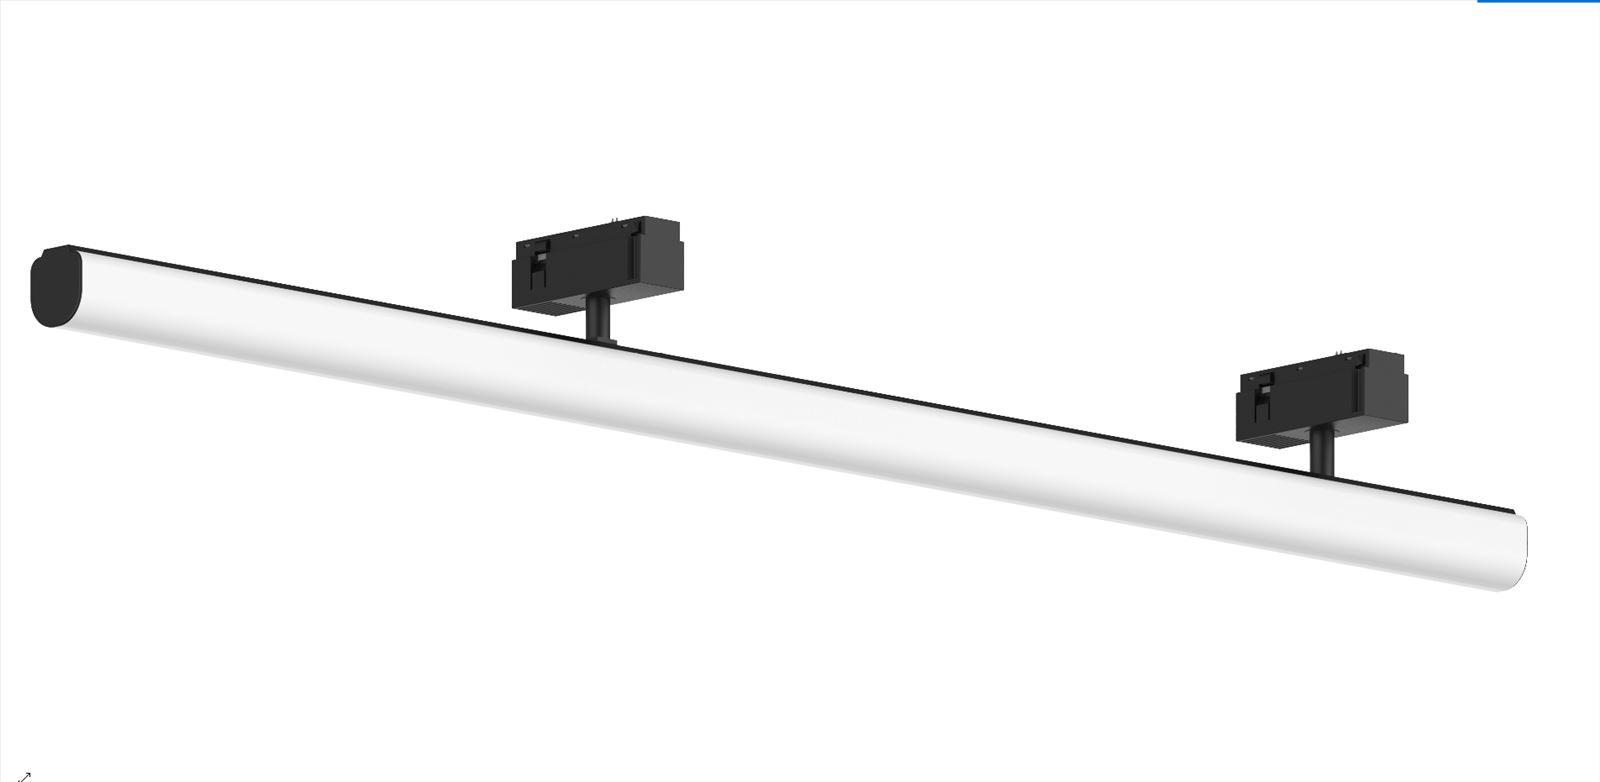 גופי תאורה בקטגוריית: מערכות תאורה קליק 25 ,שם המוצר: פס תאורה גשר 120 למערכת קליק 25